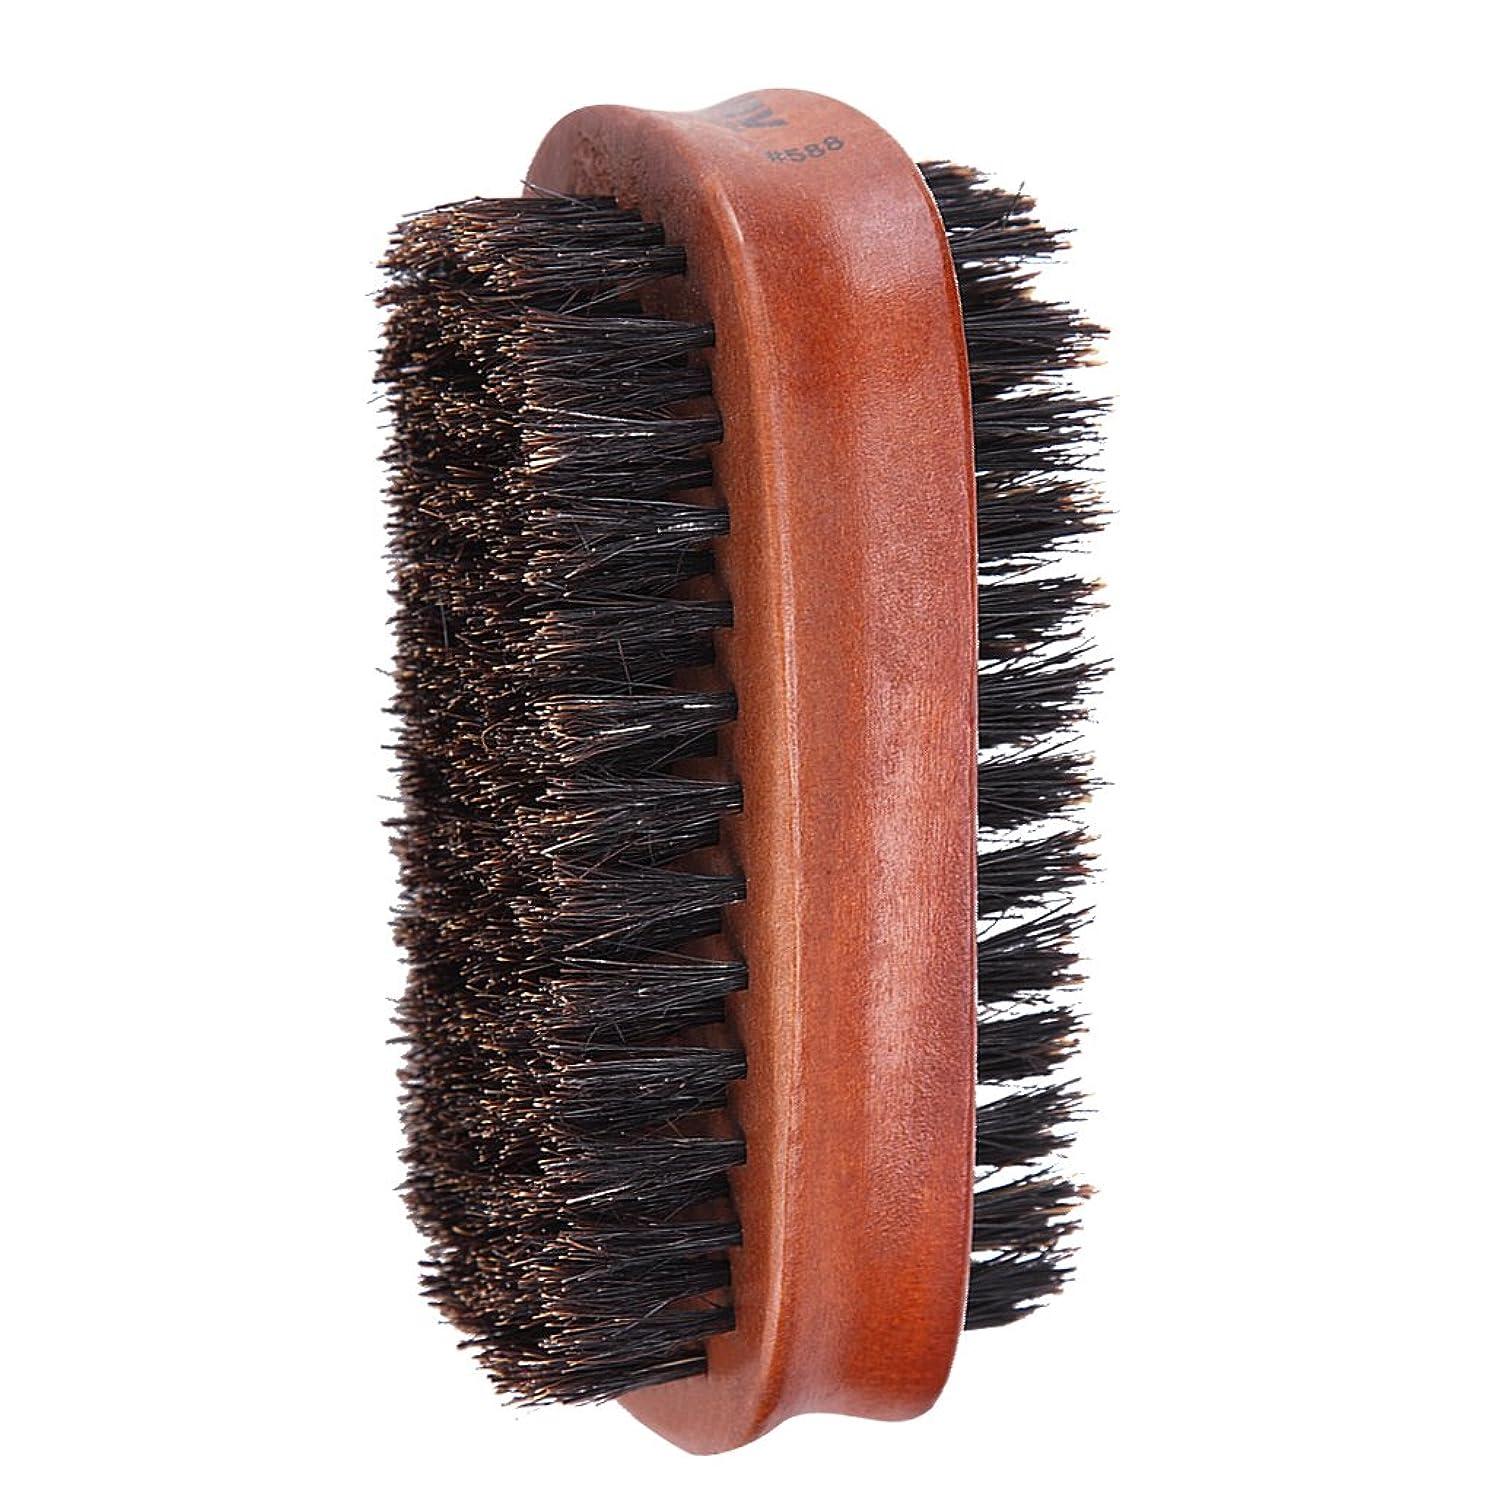 ハーブ曲がった約束するCUTICATE 男性髪髭口ひげグルーミングブラシハード両面コーム